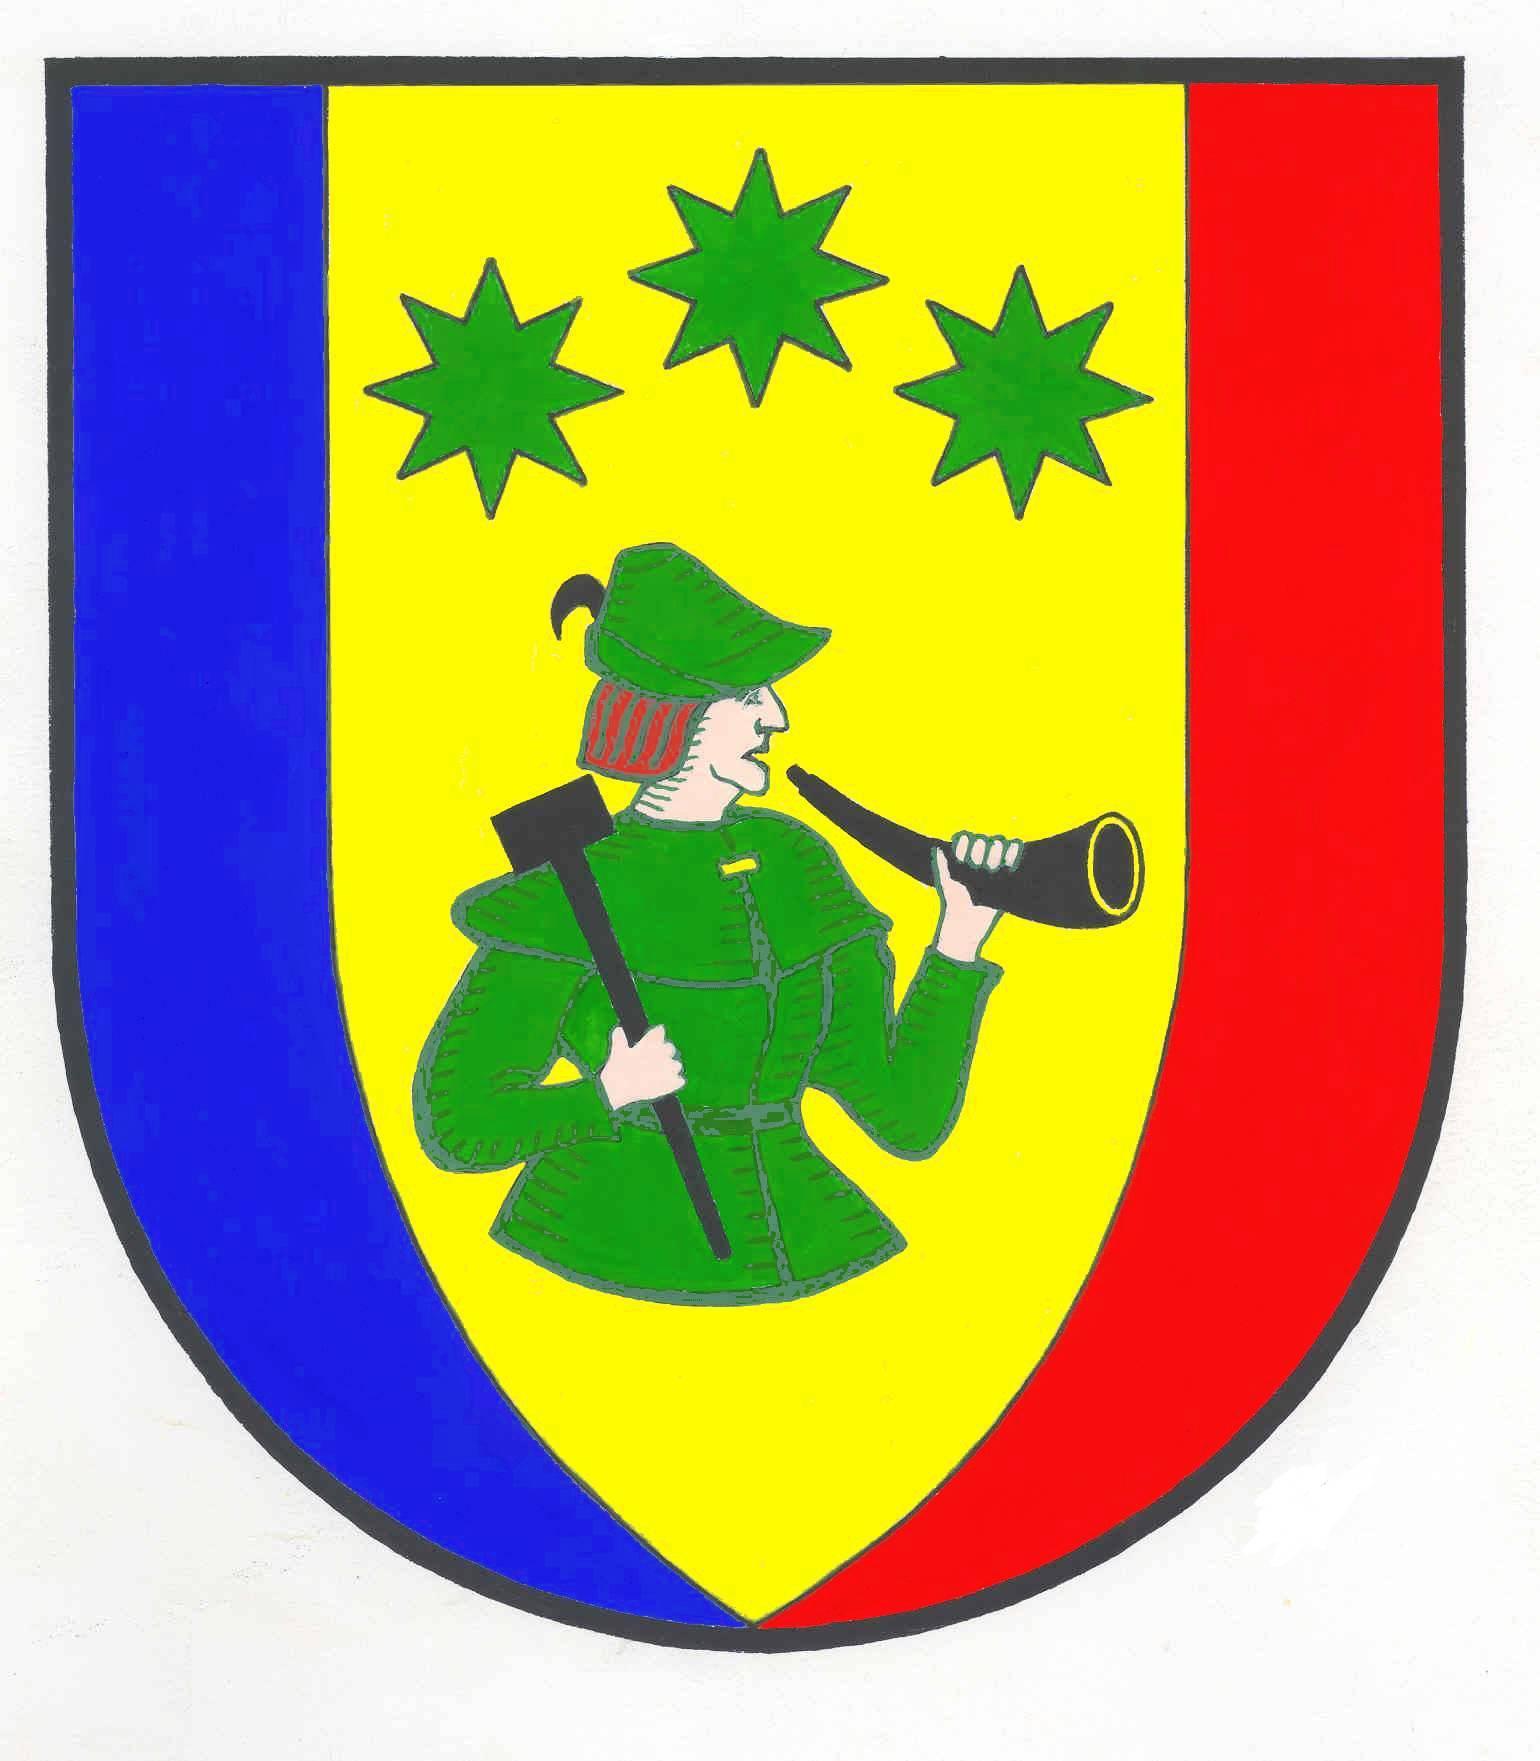 Wappen GemeindePanten, Kreis Herzogtum Lauenburg